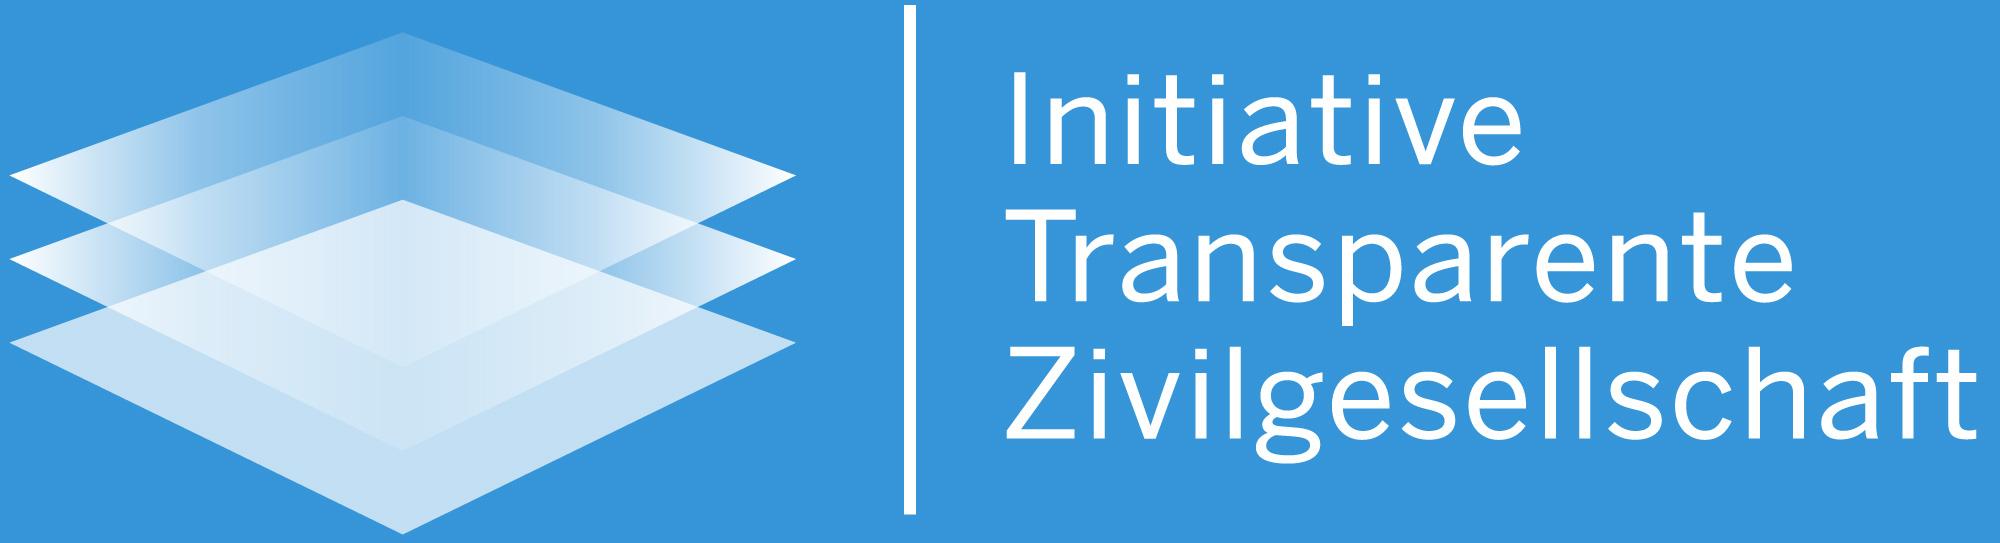 Link Initiative Transparente Zivilgesellschaft